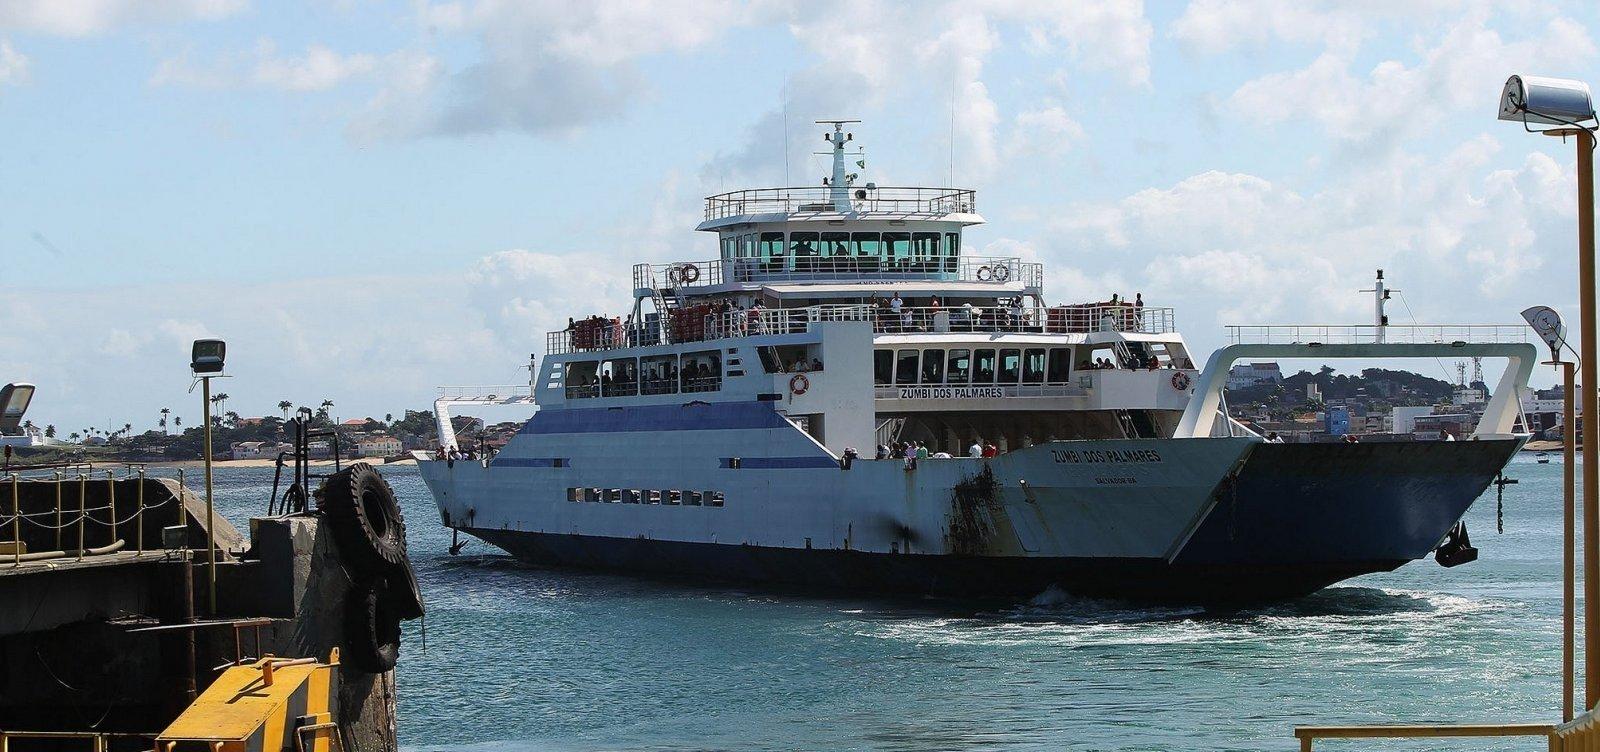 Ferry-boat tem movimento intenso e viagens a cada meia hora